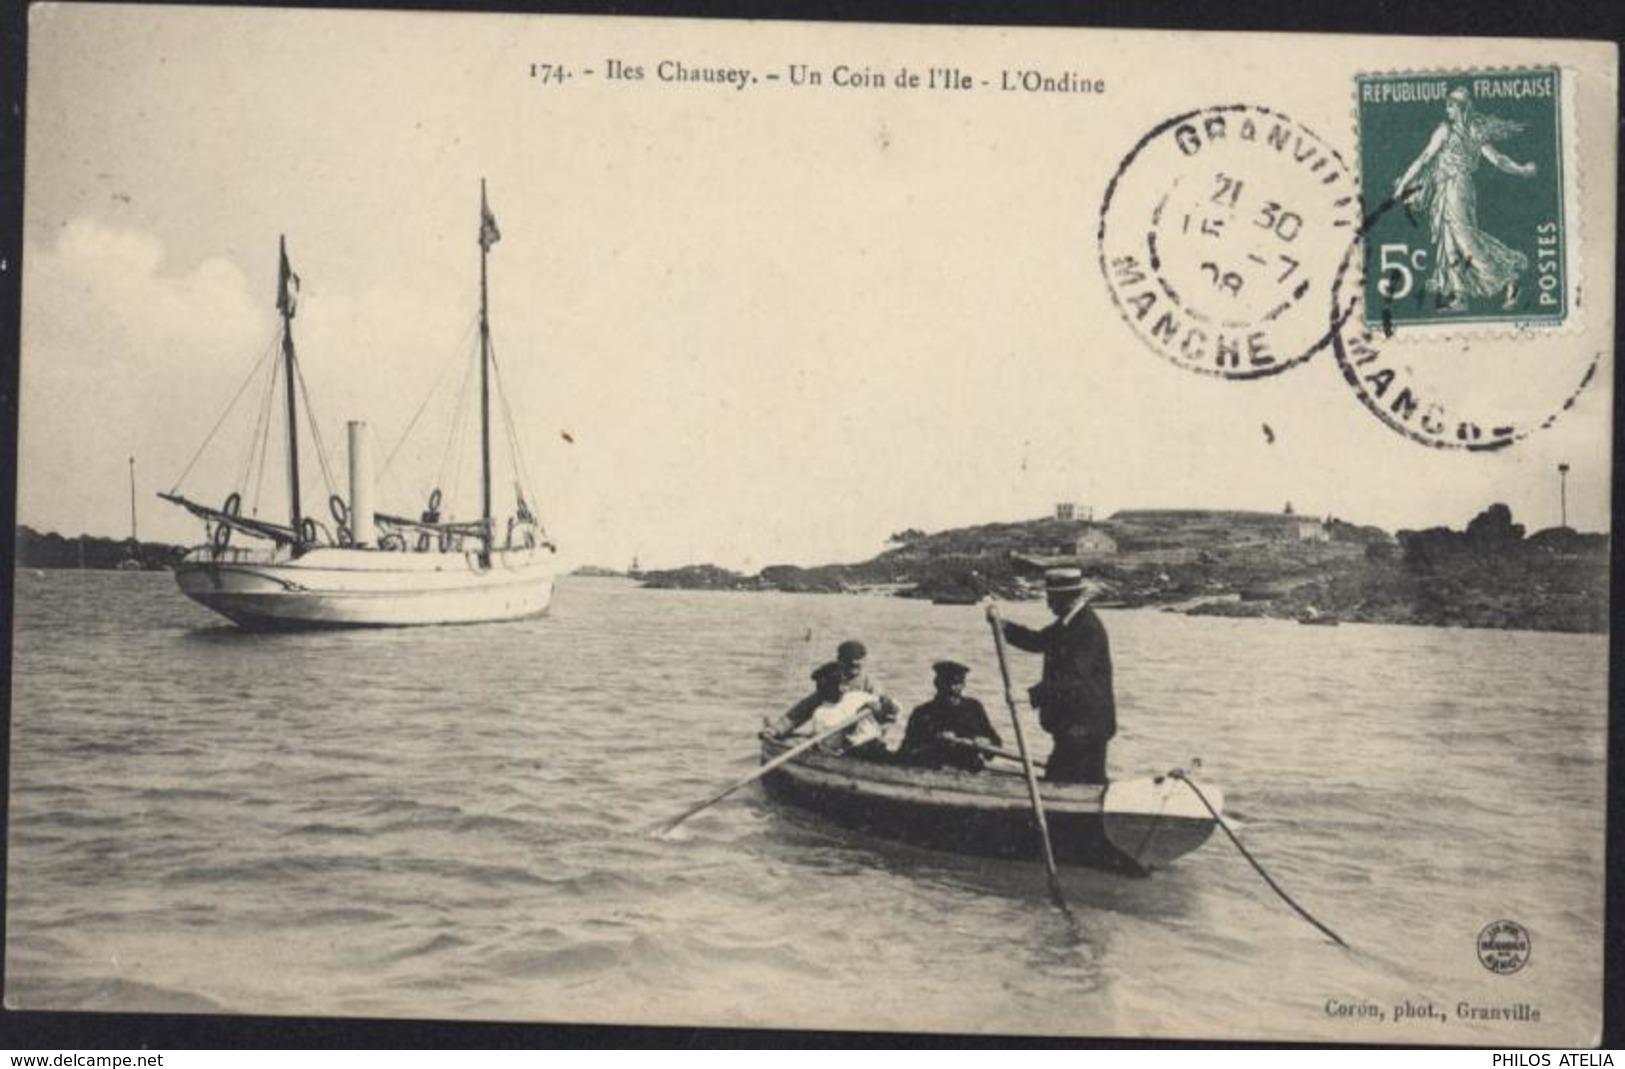 CPA Iles Chausey Un Coin De L'île L'Ondine 174 Coron Phot Granville - France